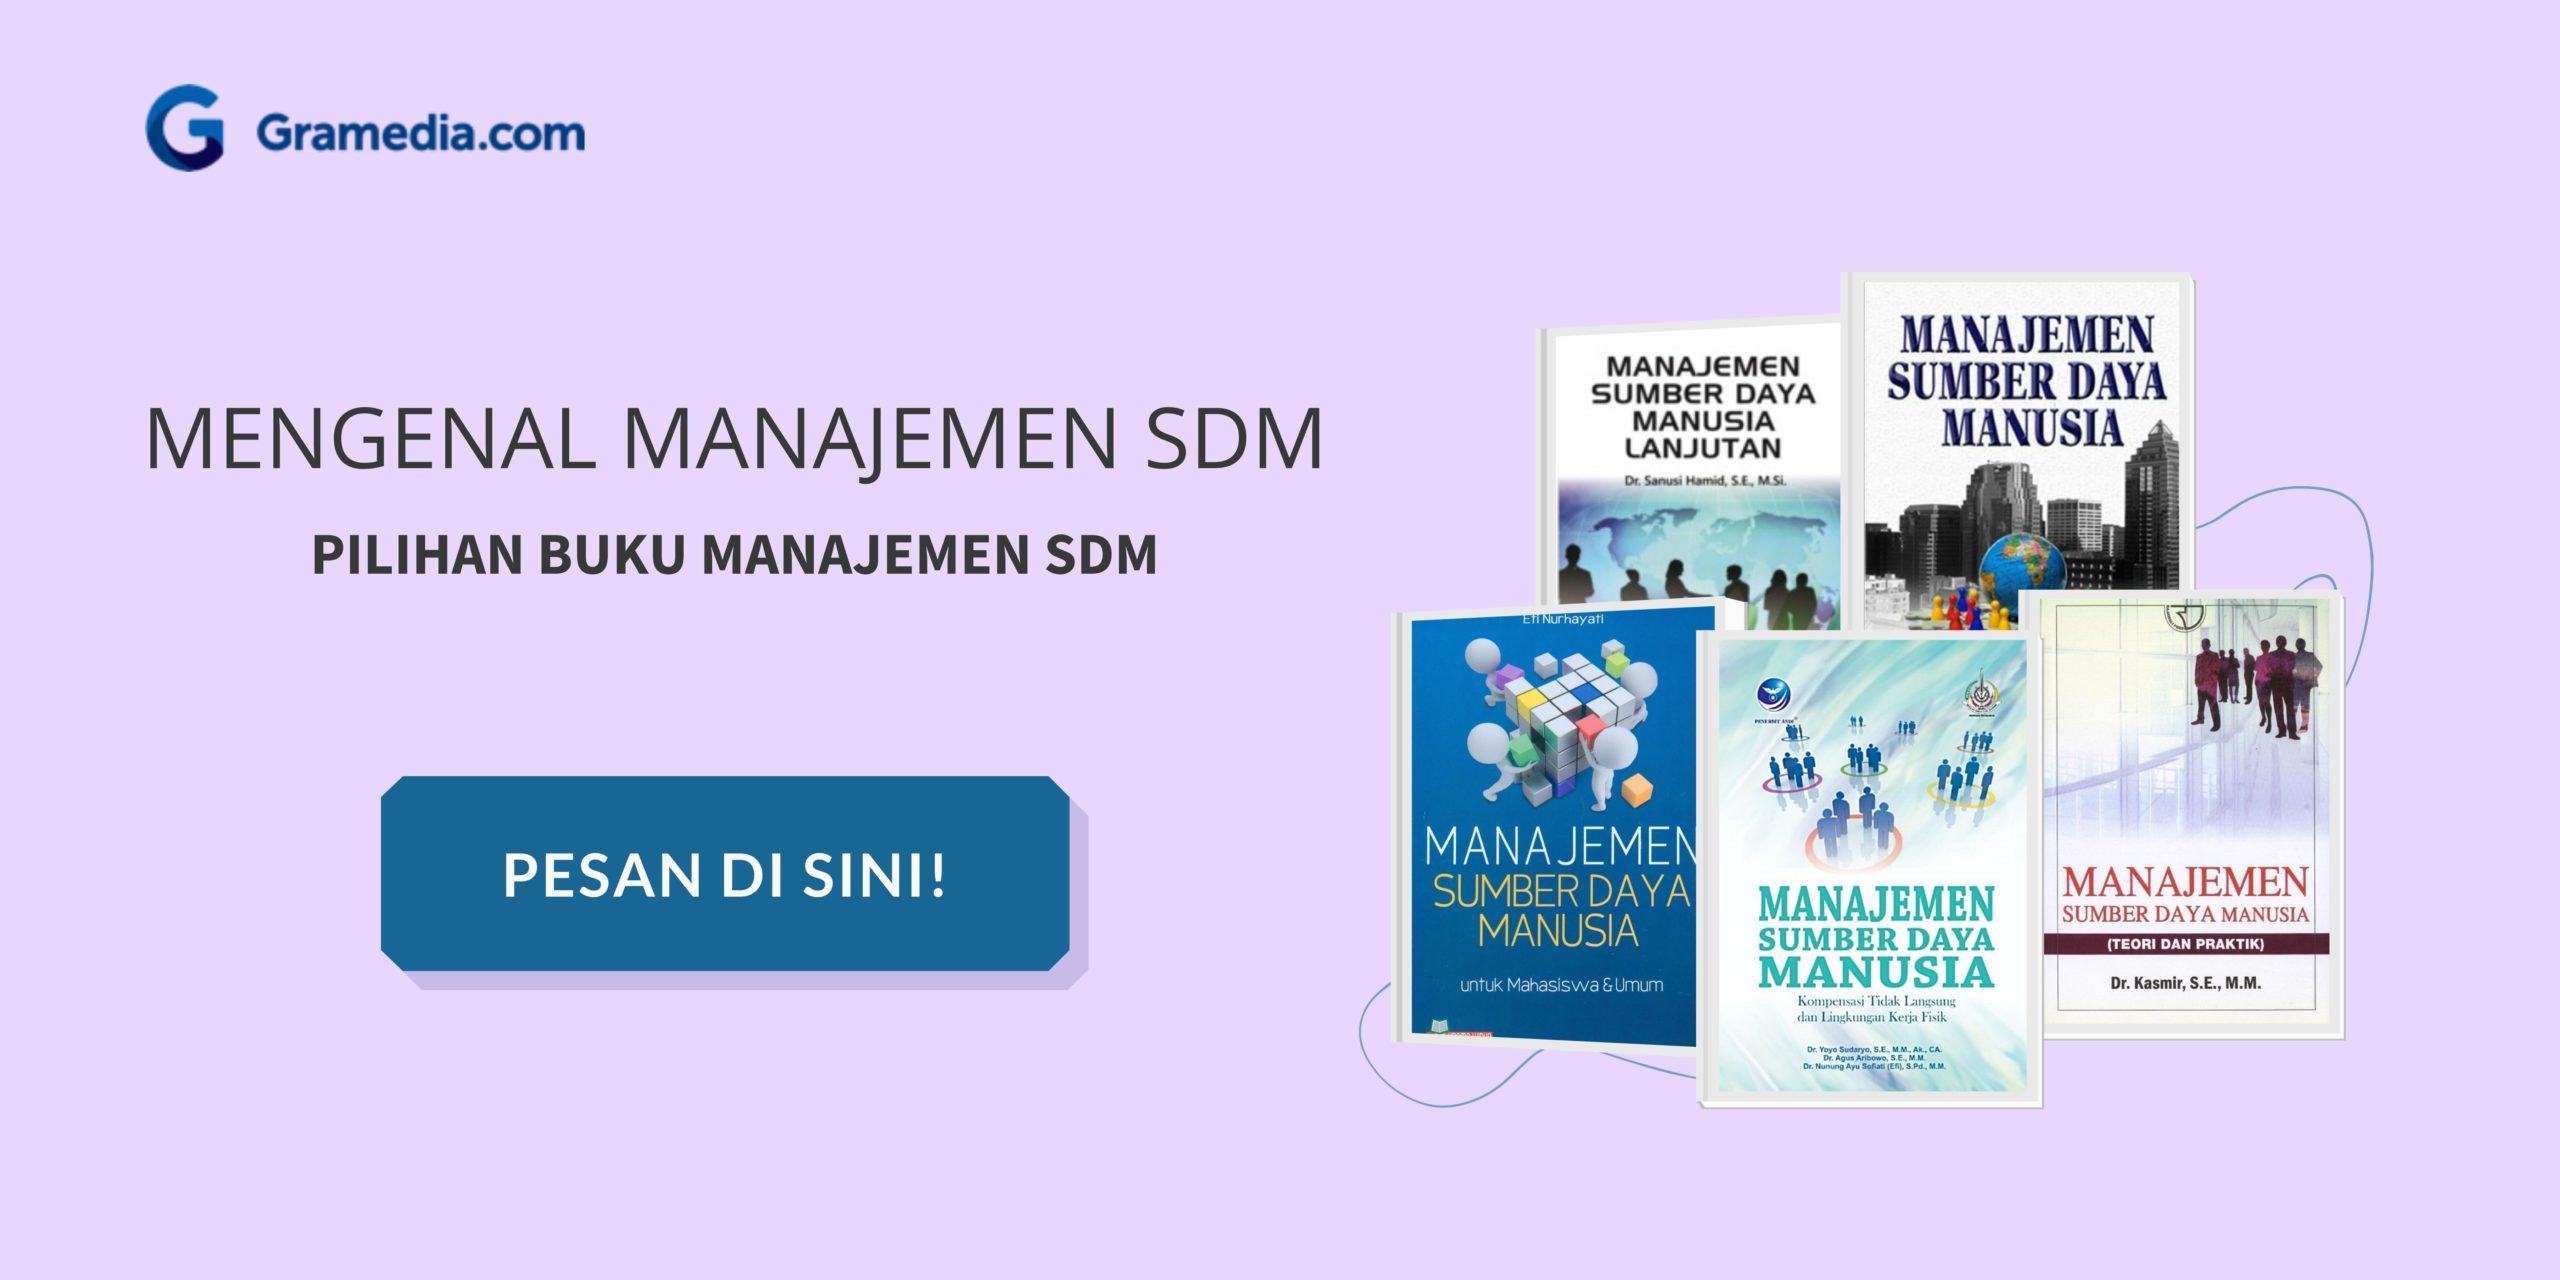 Manajemen SDM: Pengertian, Fungsi, Tujuan, Manfaat dan Ruang Lingkup 5